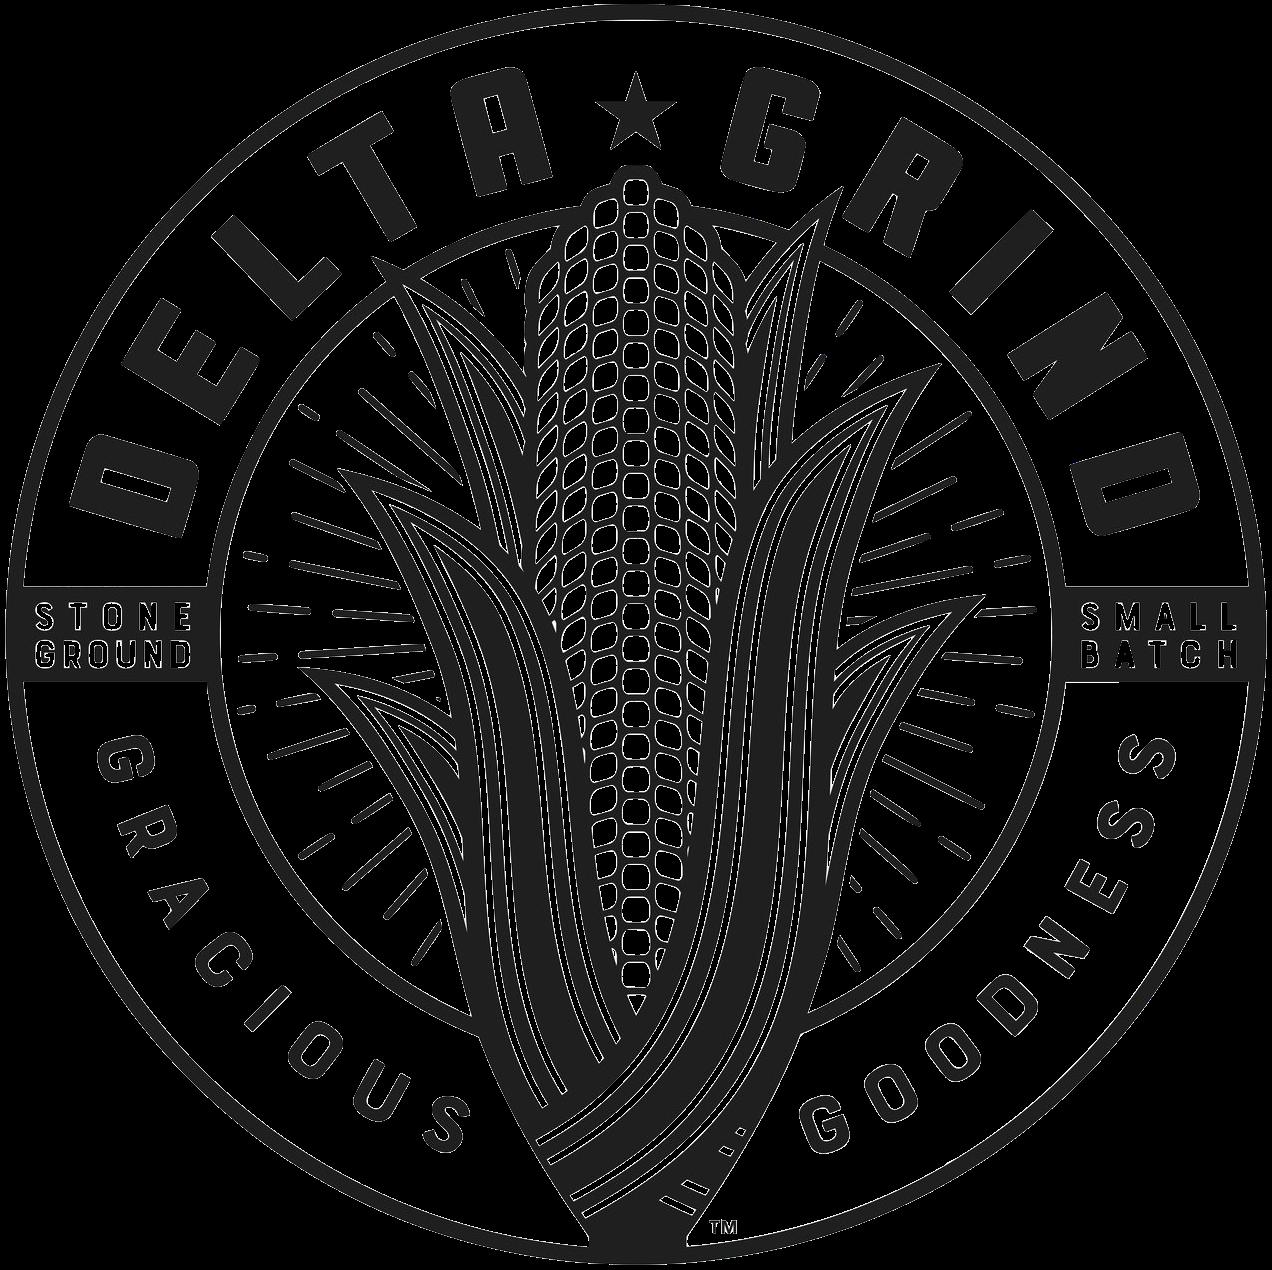 Delta grind logo b&w